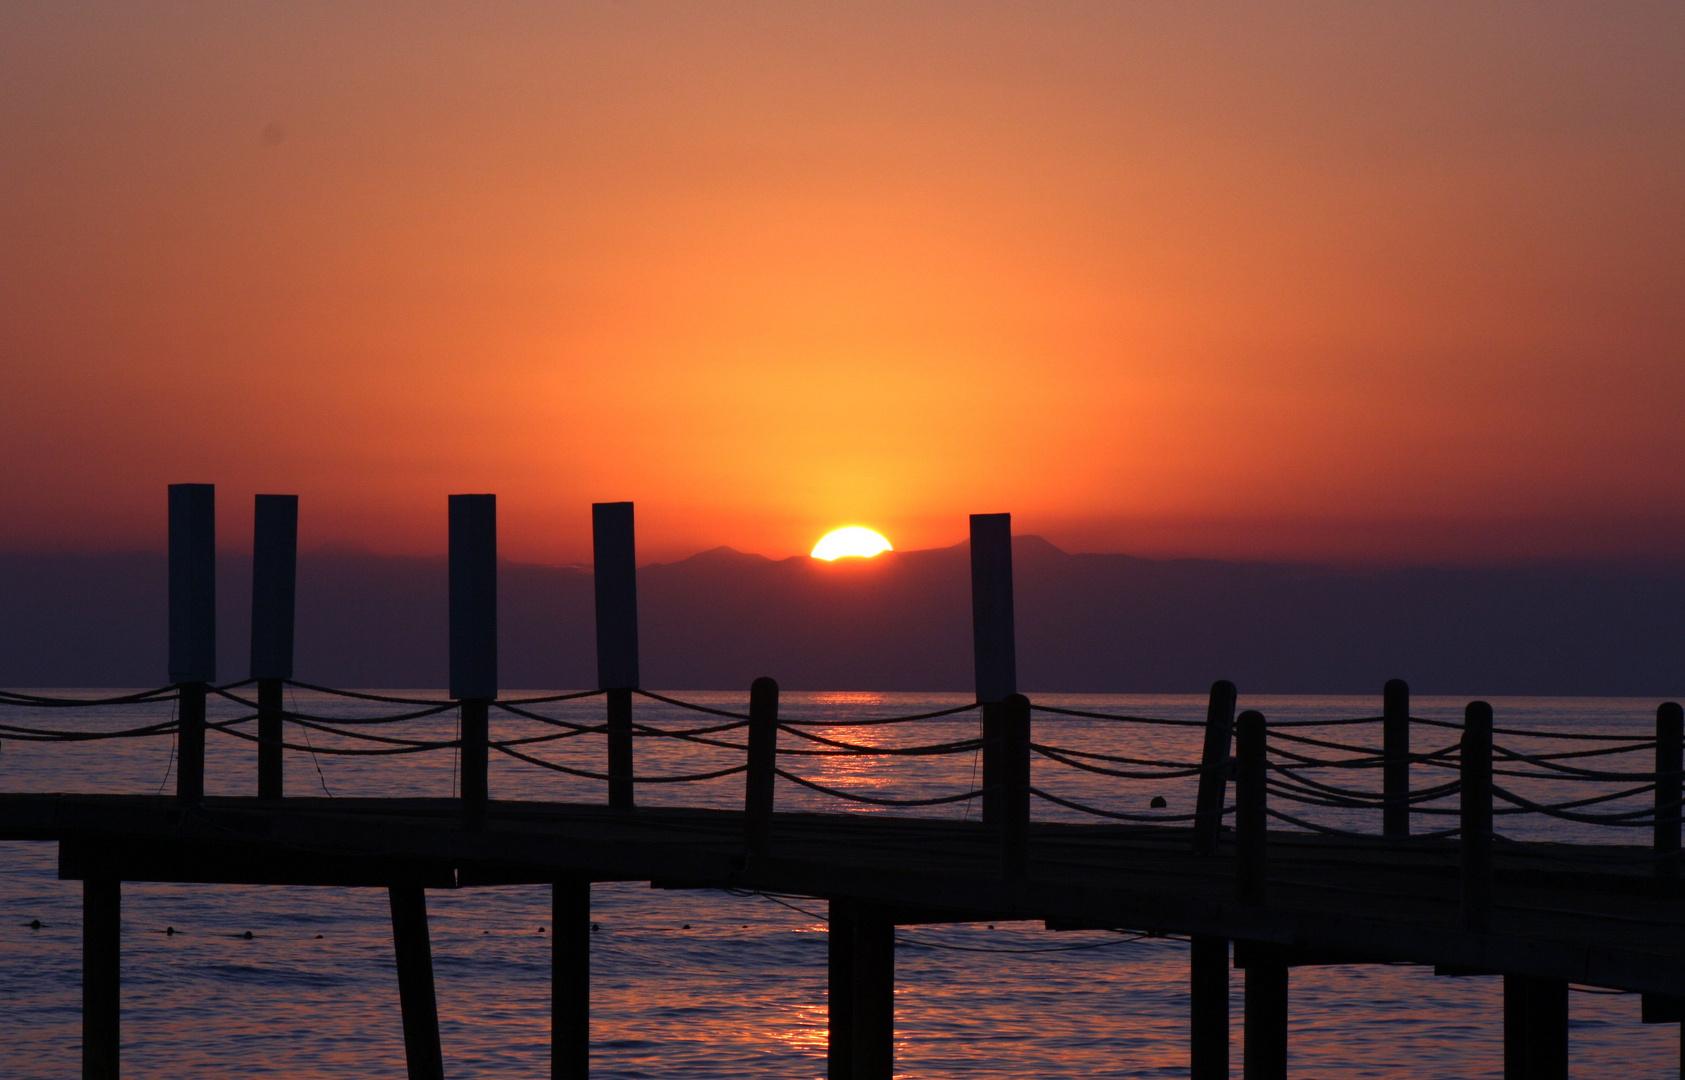 Sonnenuntergang in der Ägäis